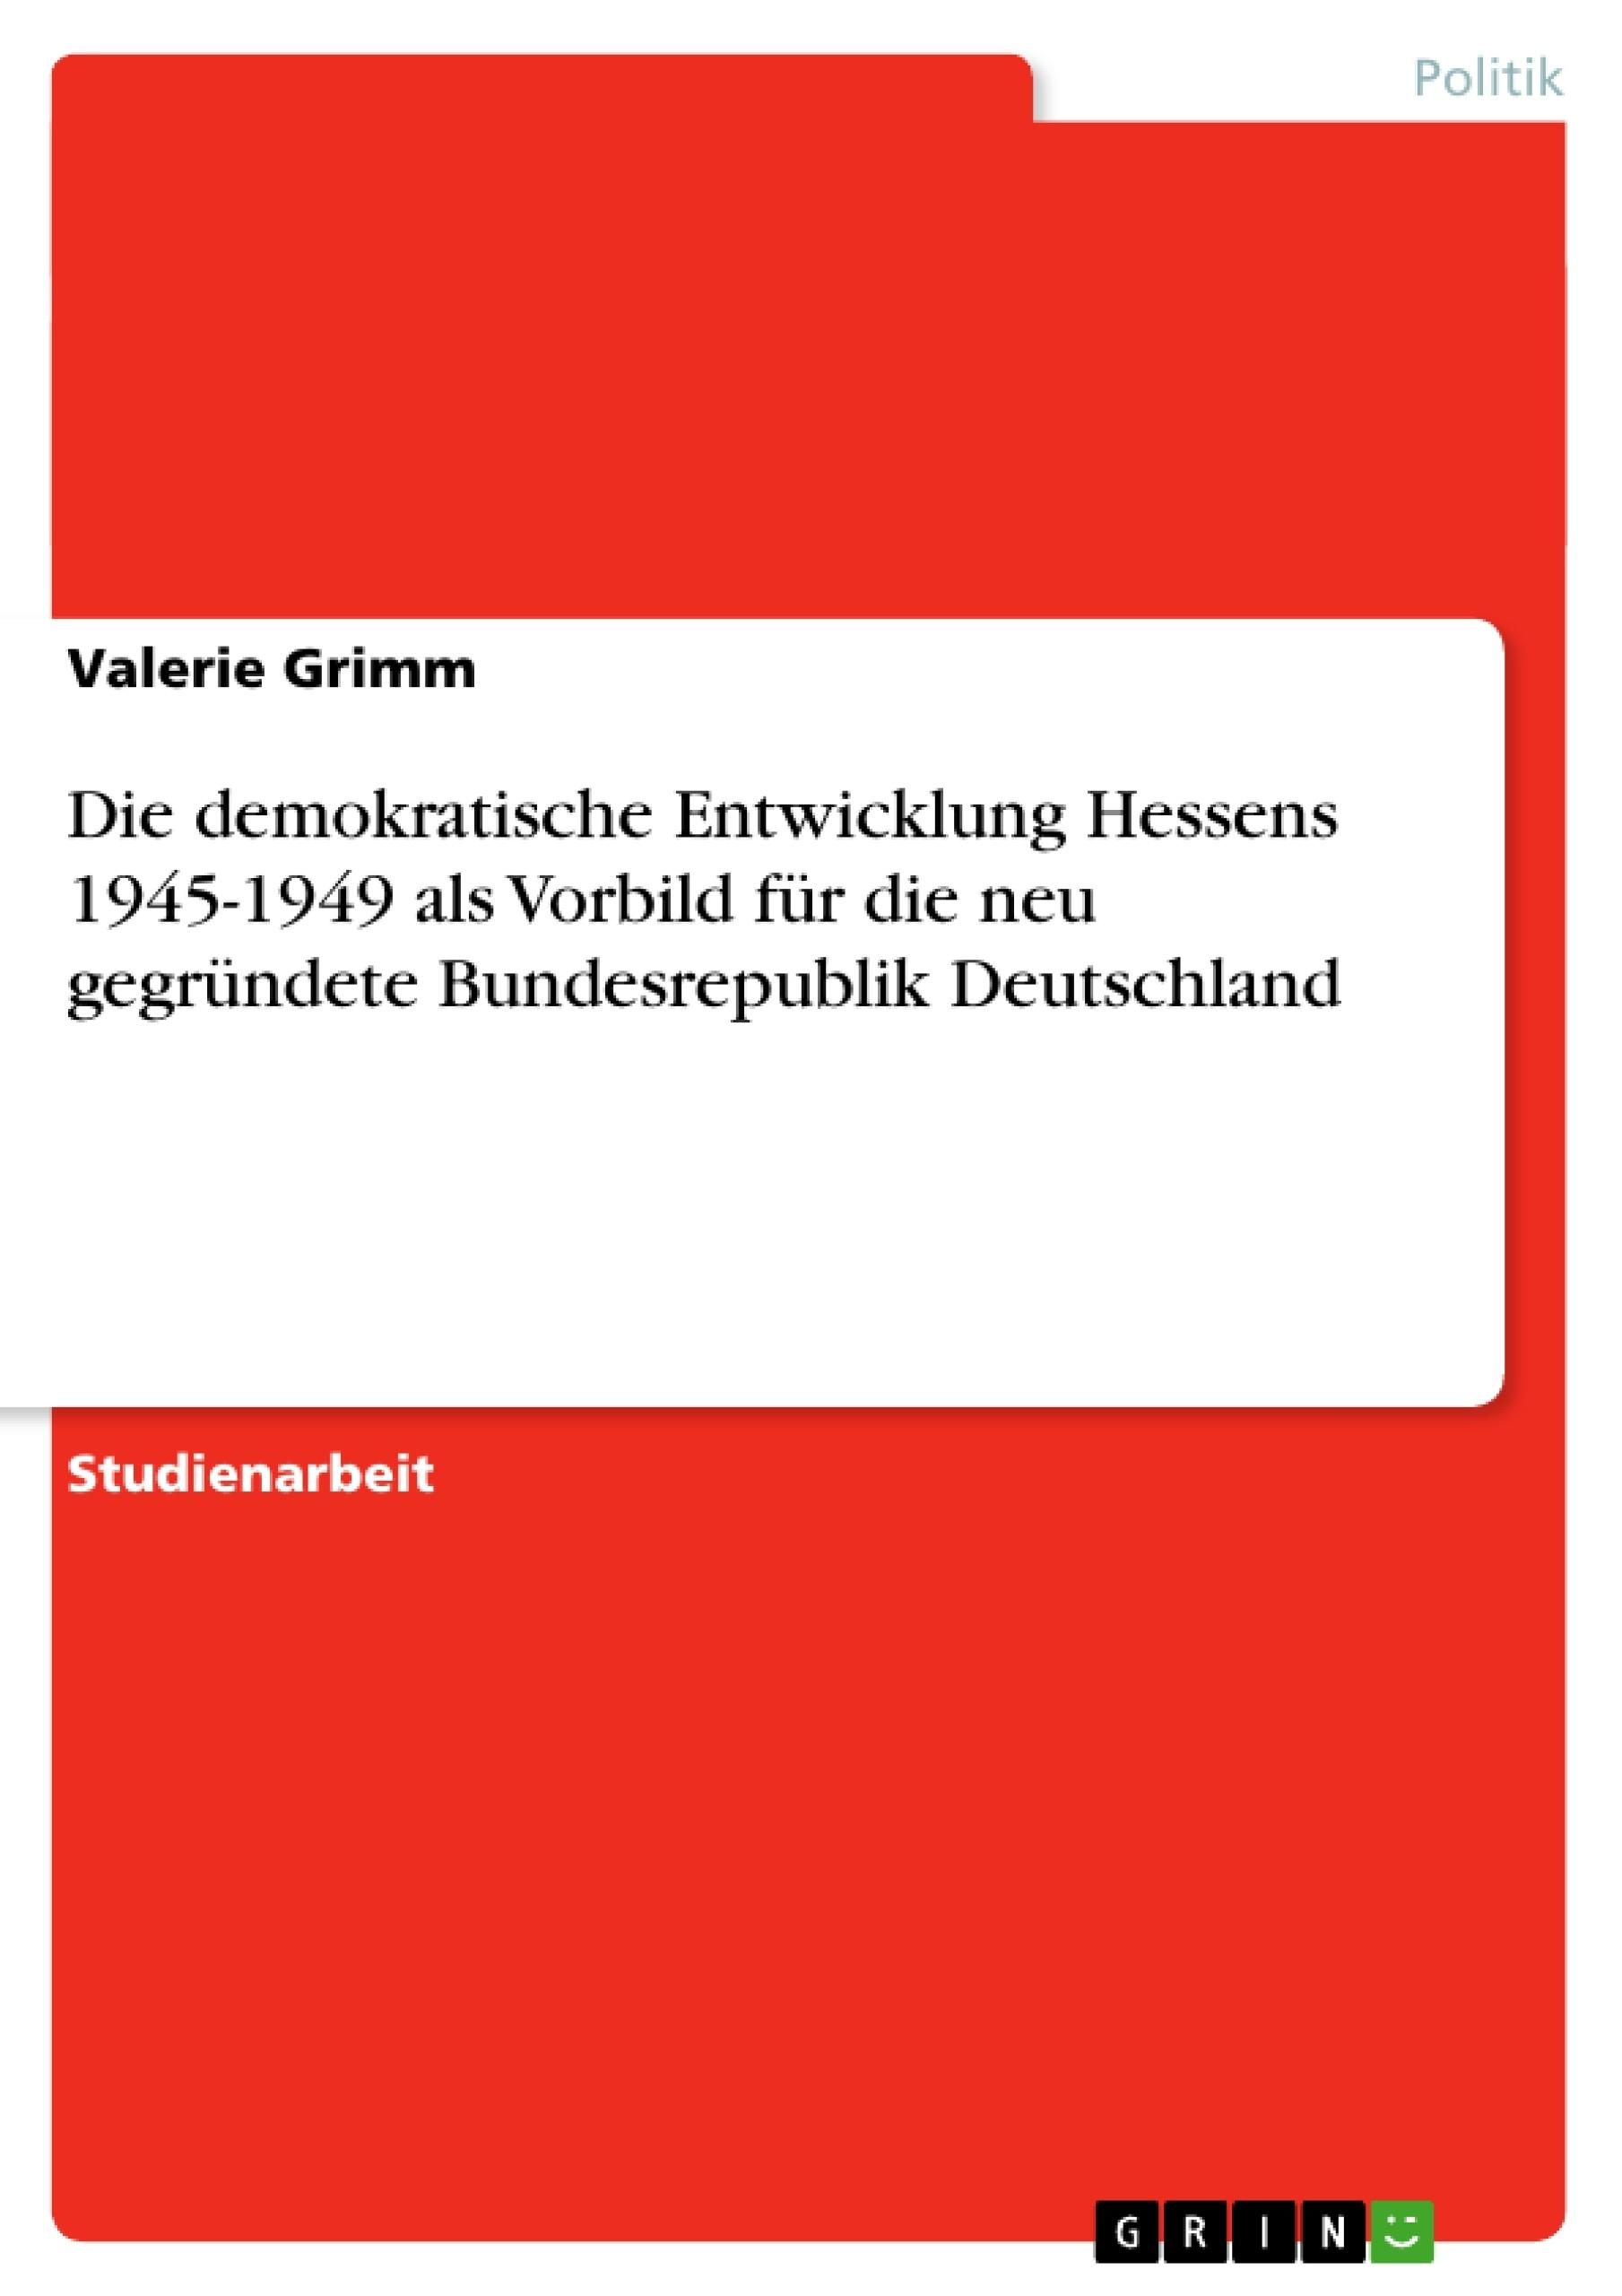 Titel: Die demokratische Entwicklung Hessens 1945-1949 als Vorbild für die neu gegründete Bundesrepublik Deutschland